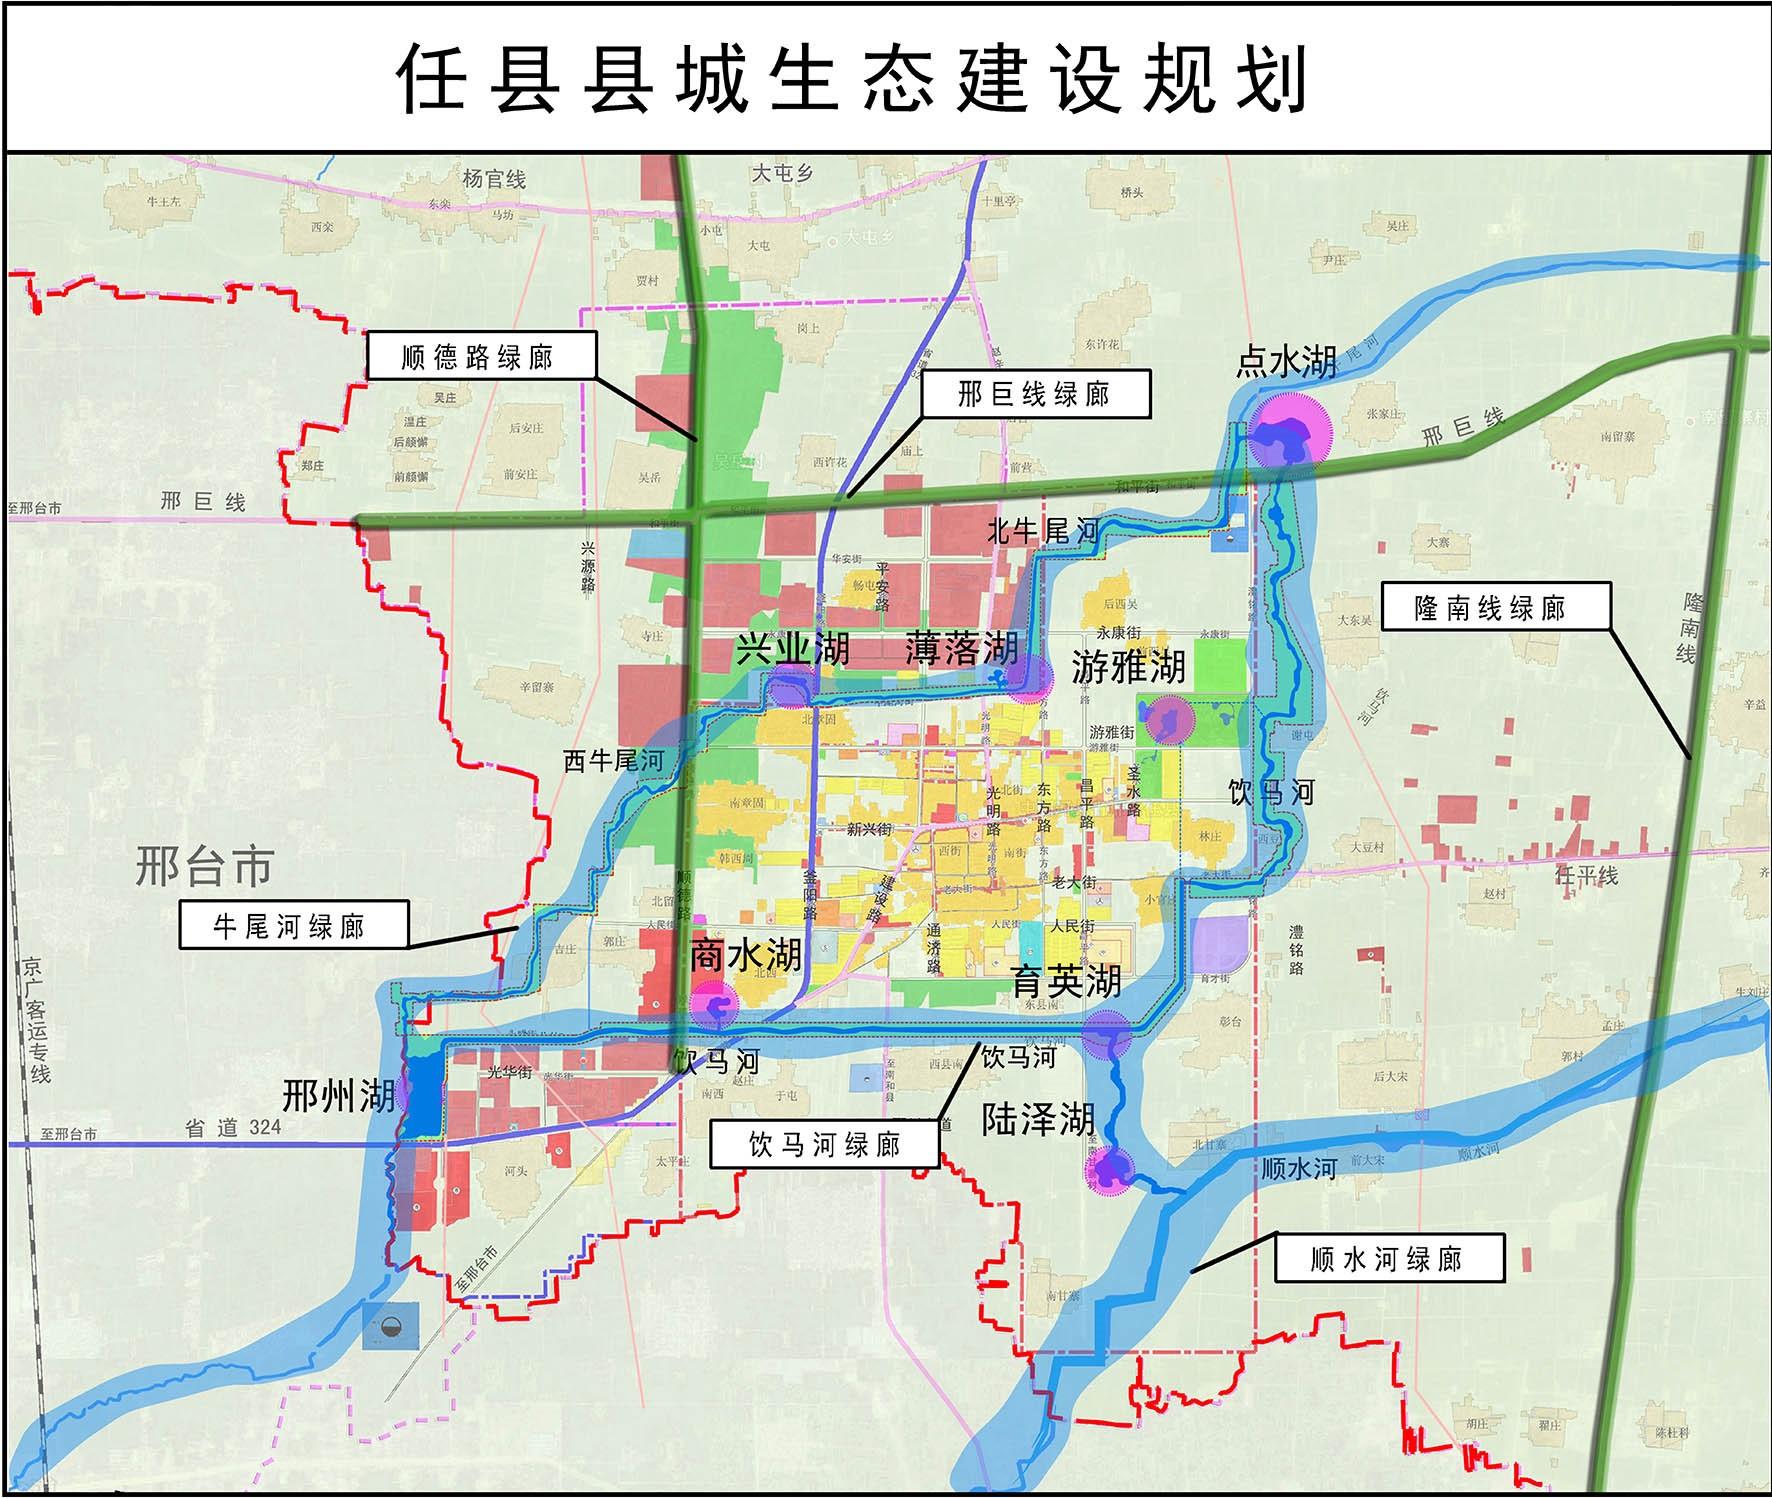 任县地图分乡镇